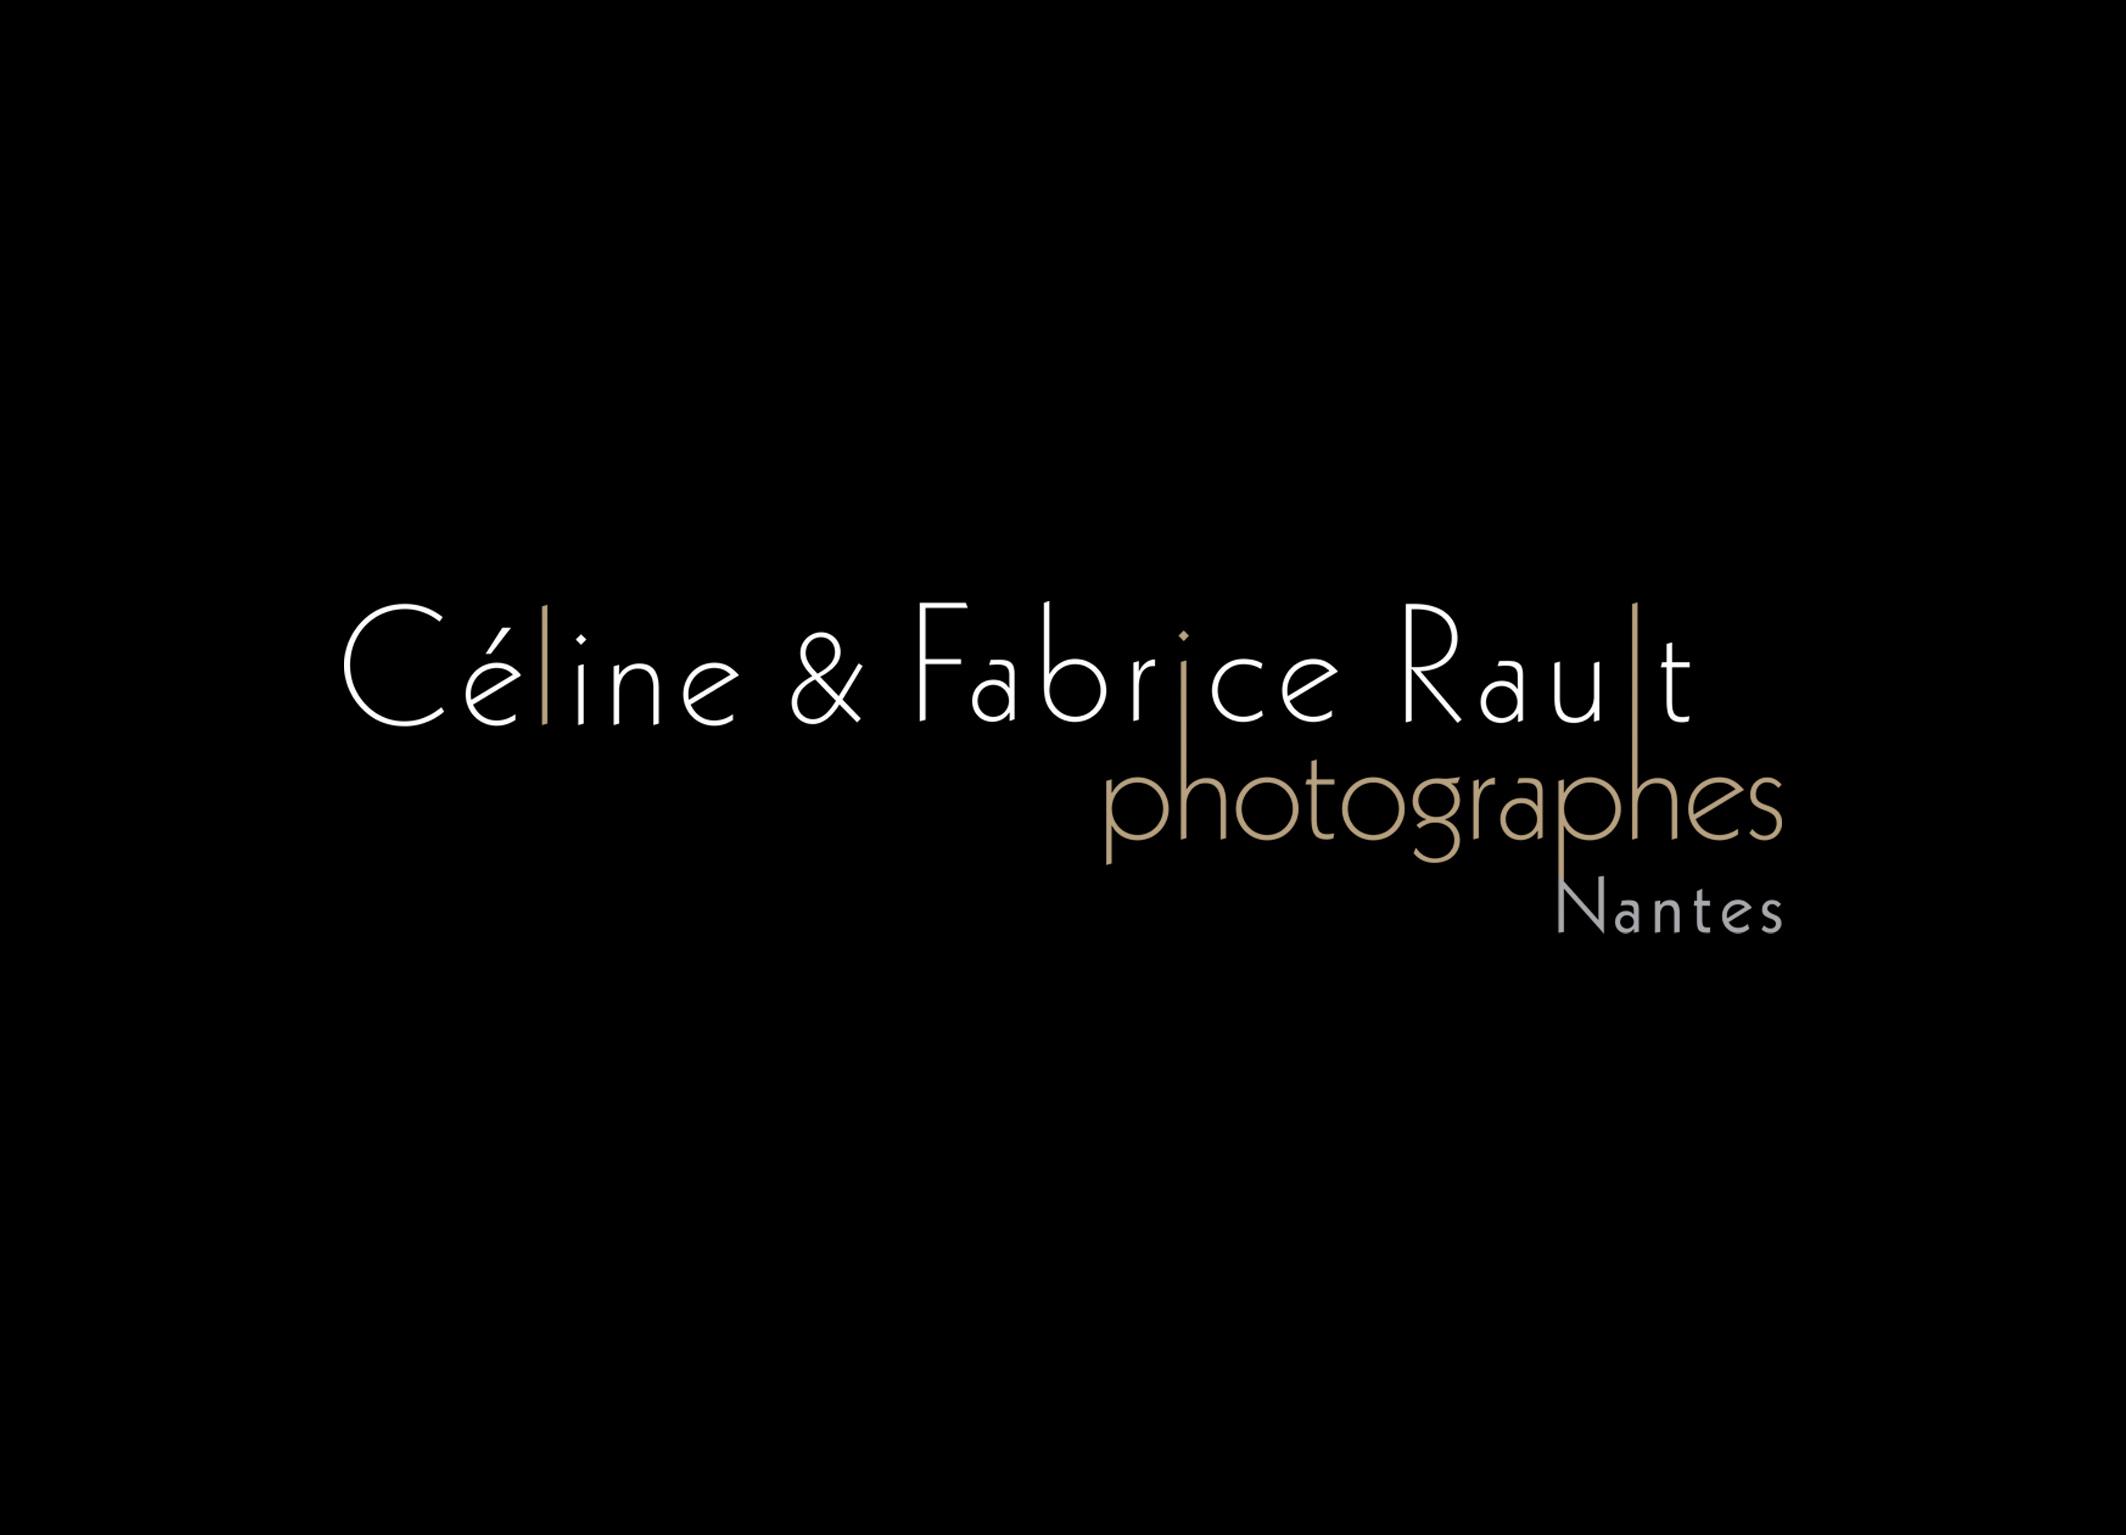 Signature C&F Rault